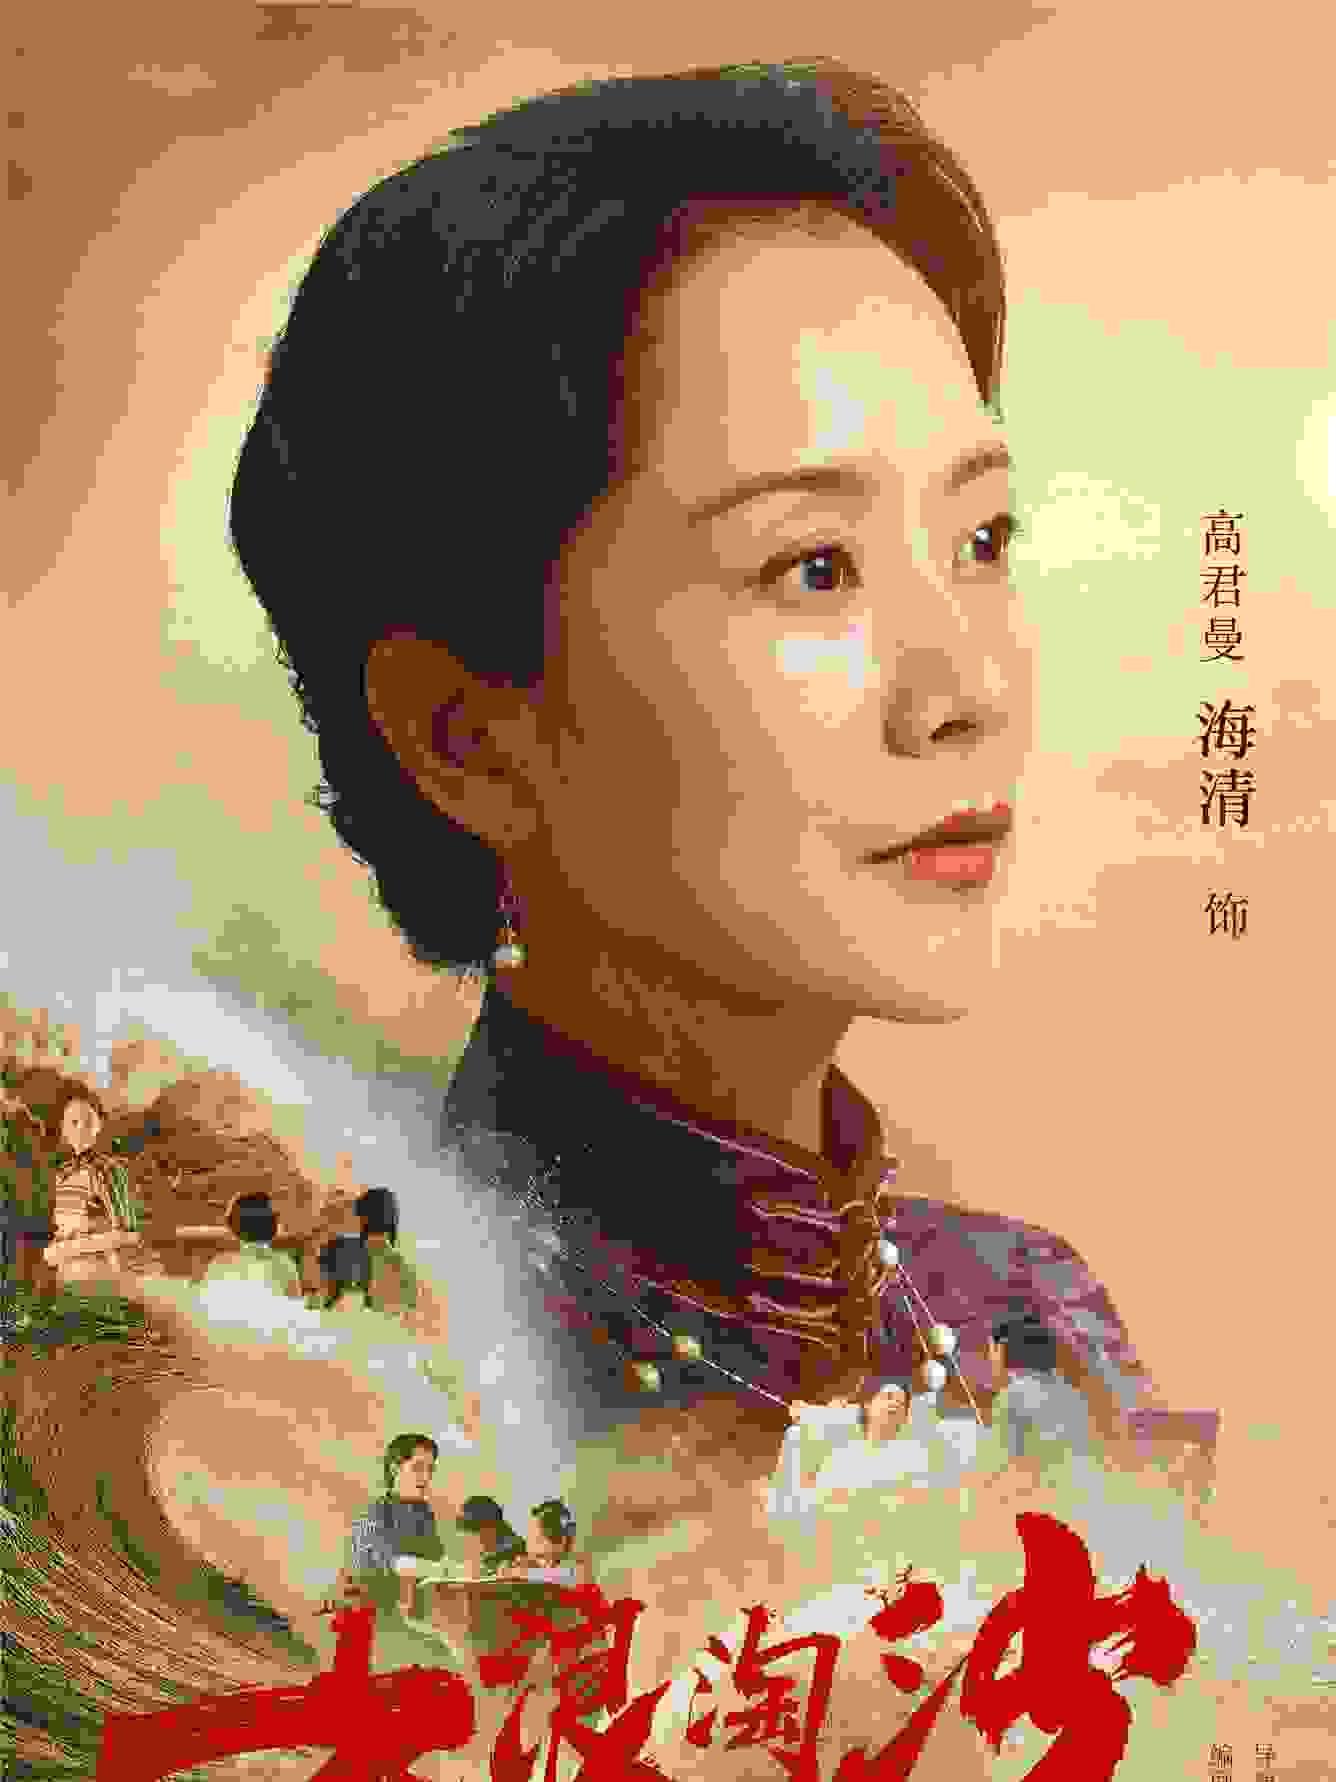 大浪淘沙(2021年嘉娜·沙哈提执导的电视剧)演员海清